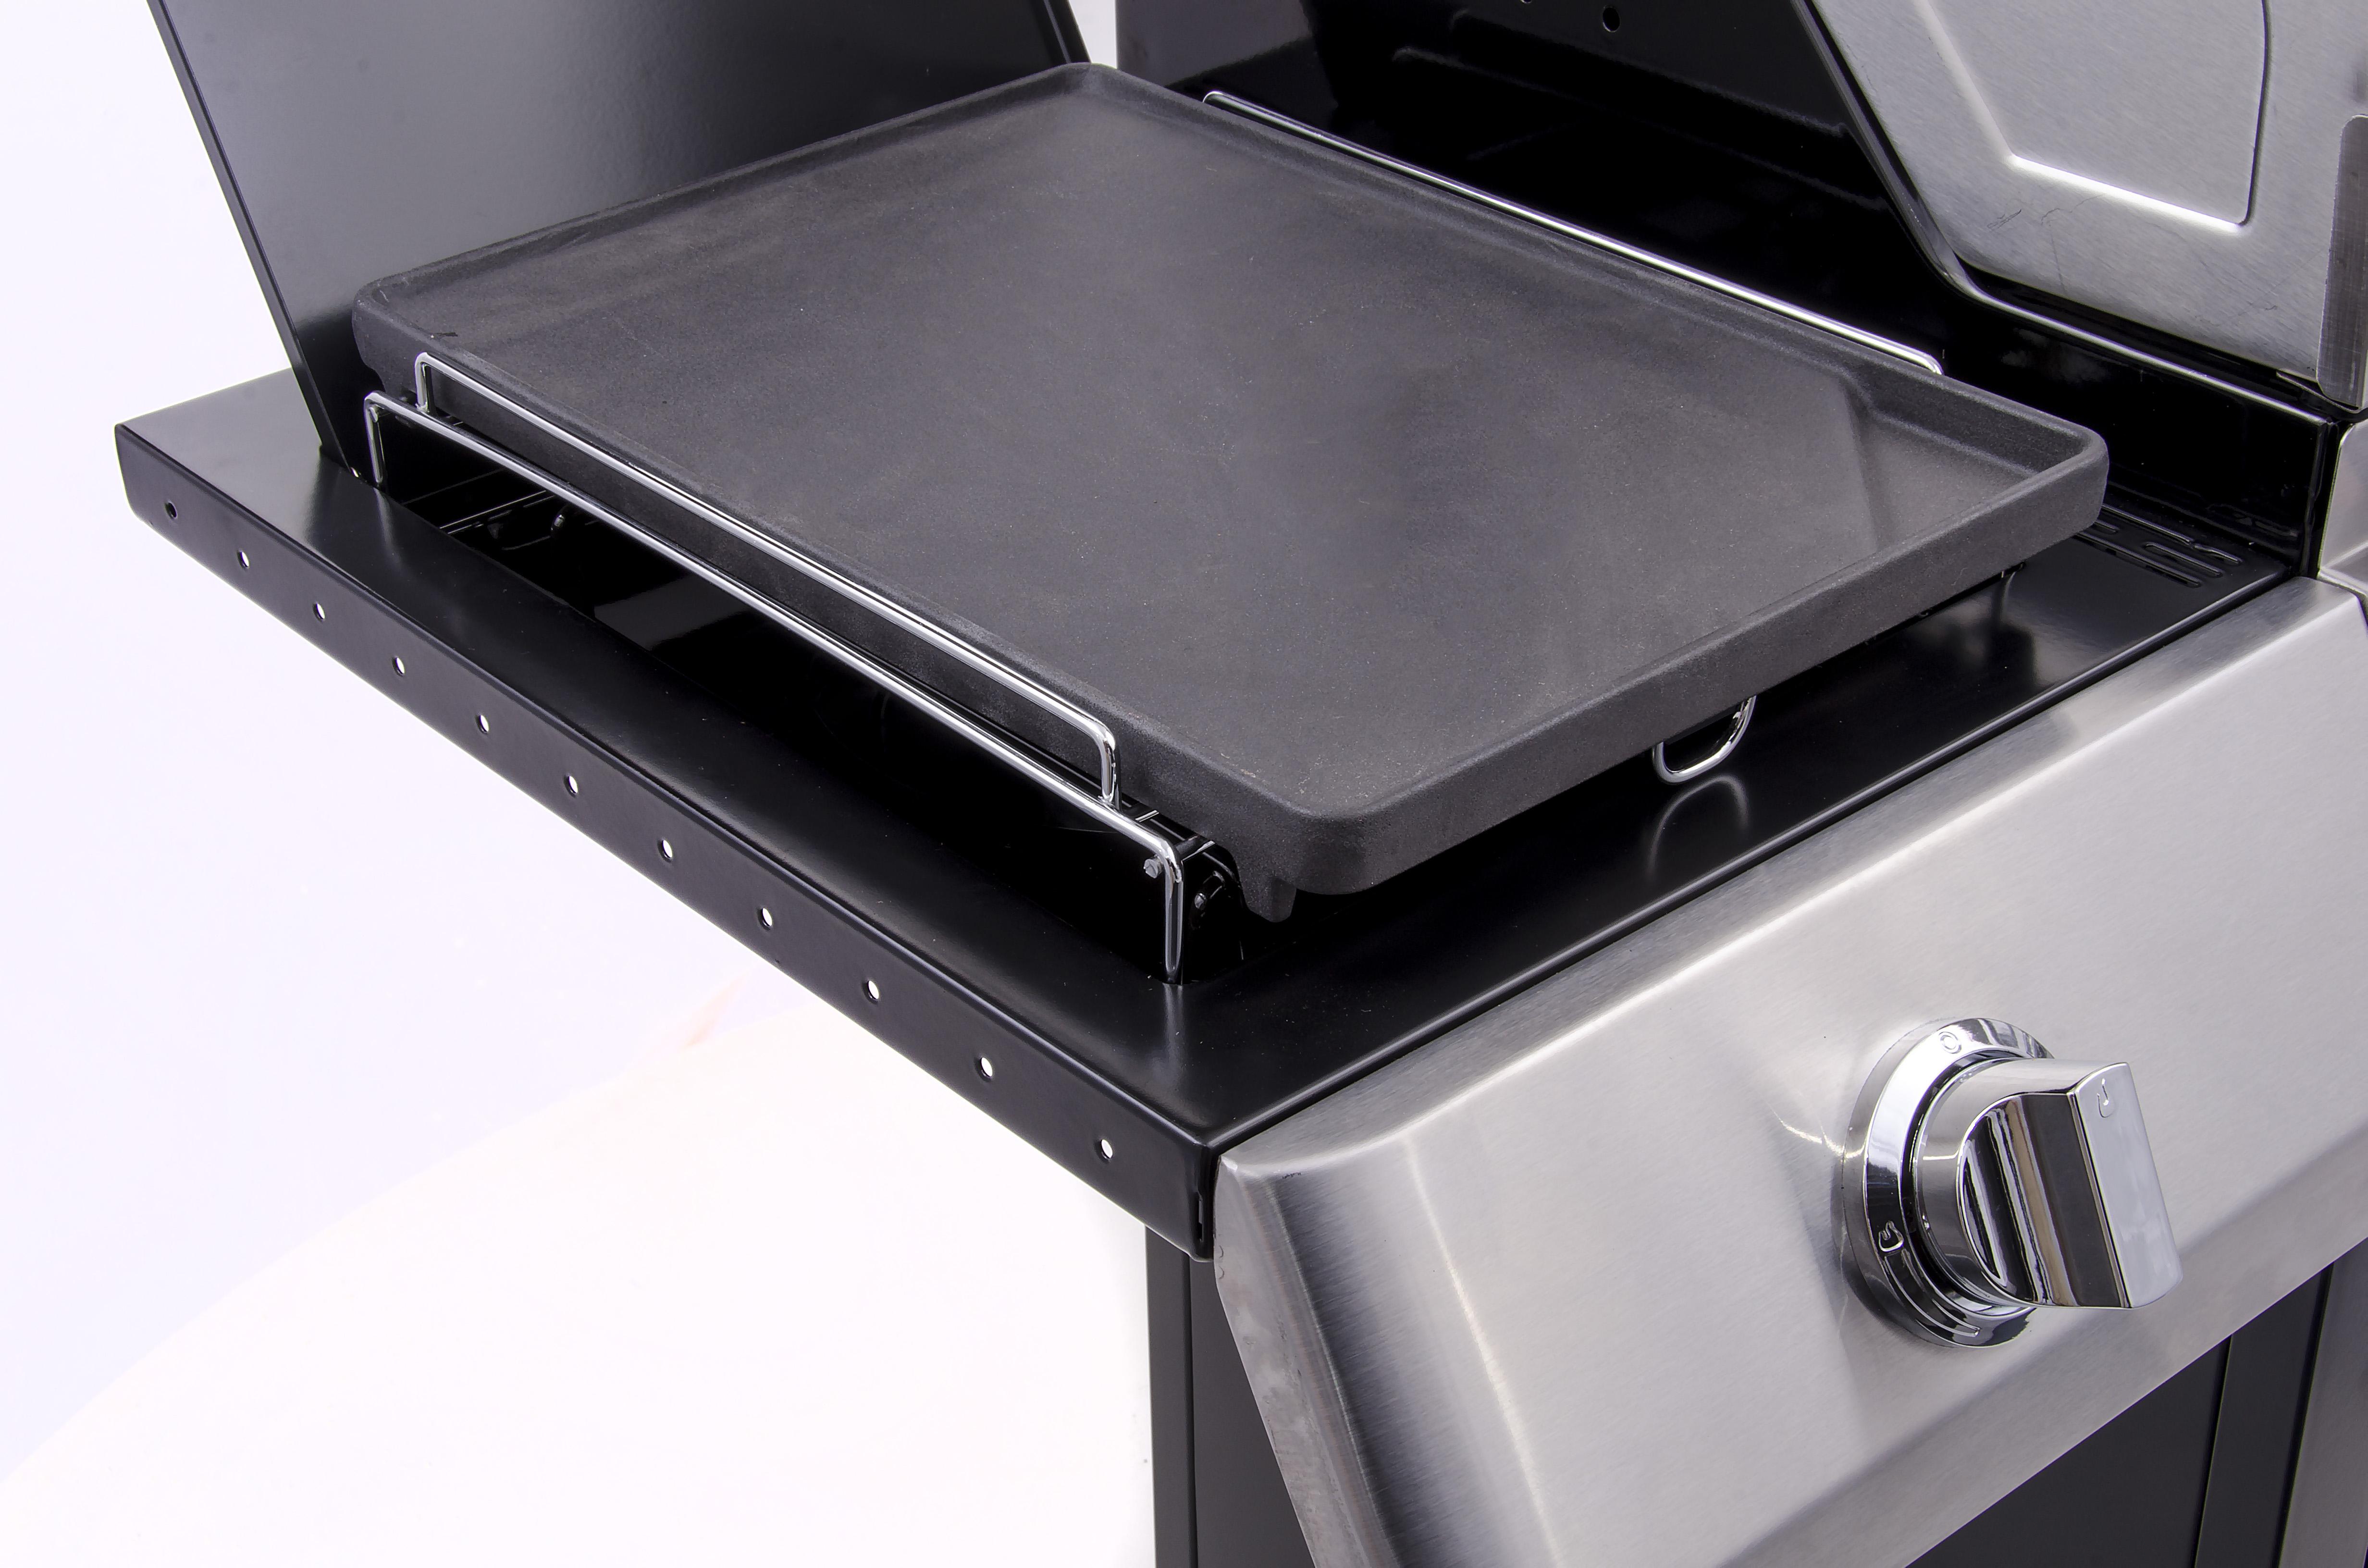 Grillschalen Für Gasgrill : Grillplatte für seitenbrenner grillschalen platten